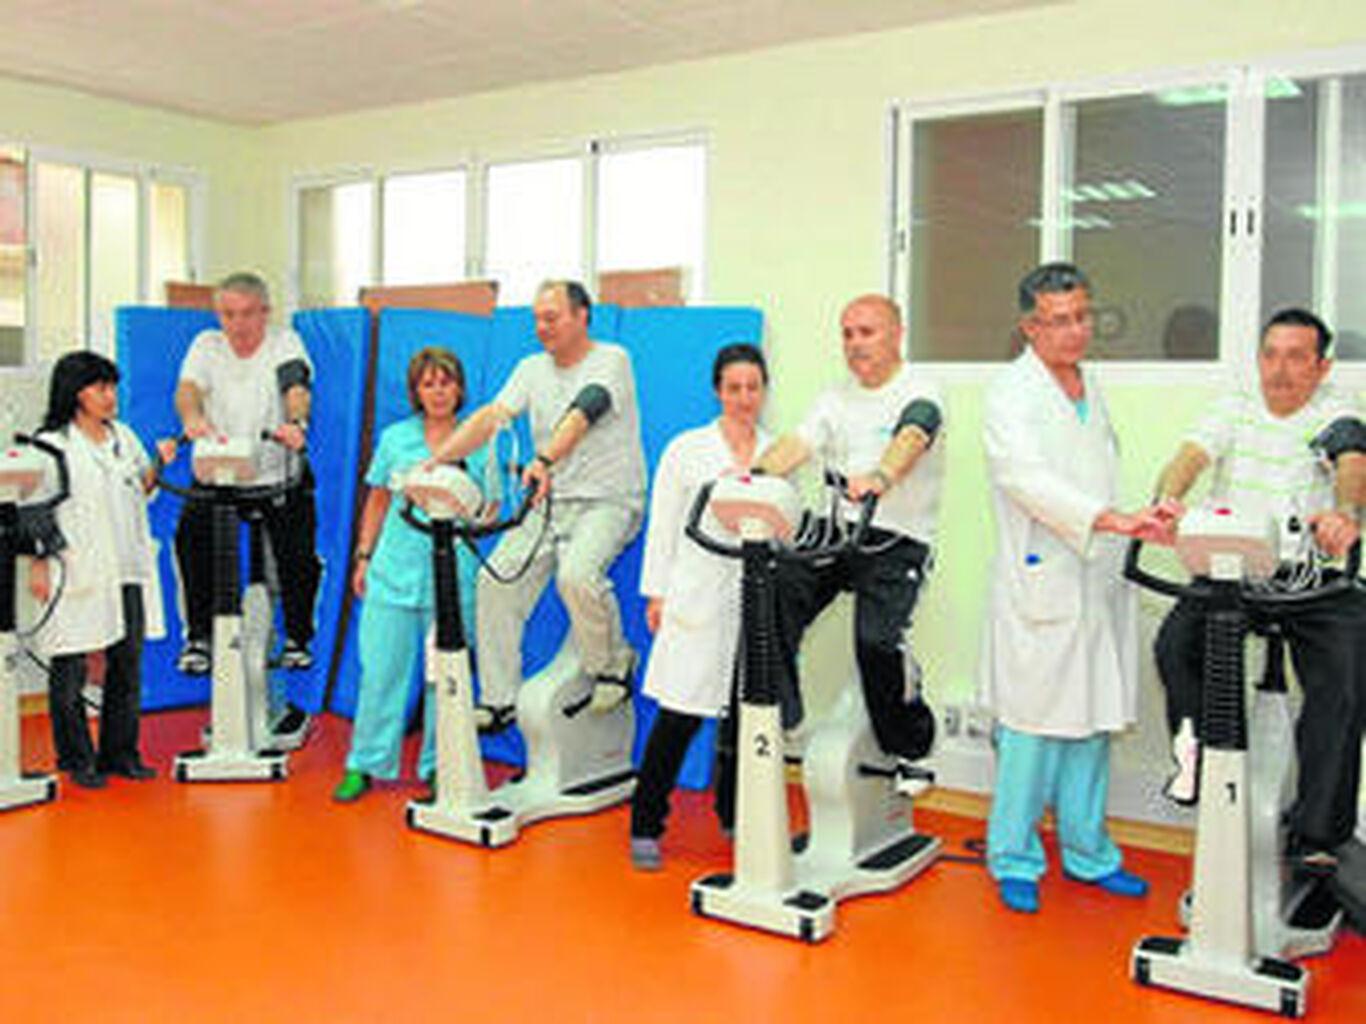 La rehabilitación cardíaca estimula la vida del paciente